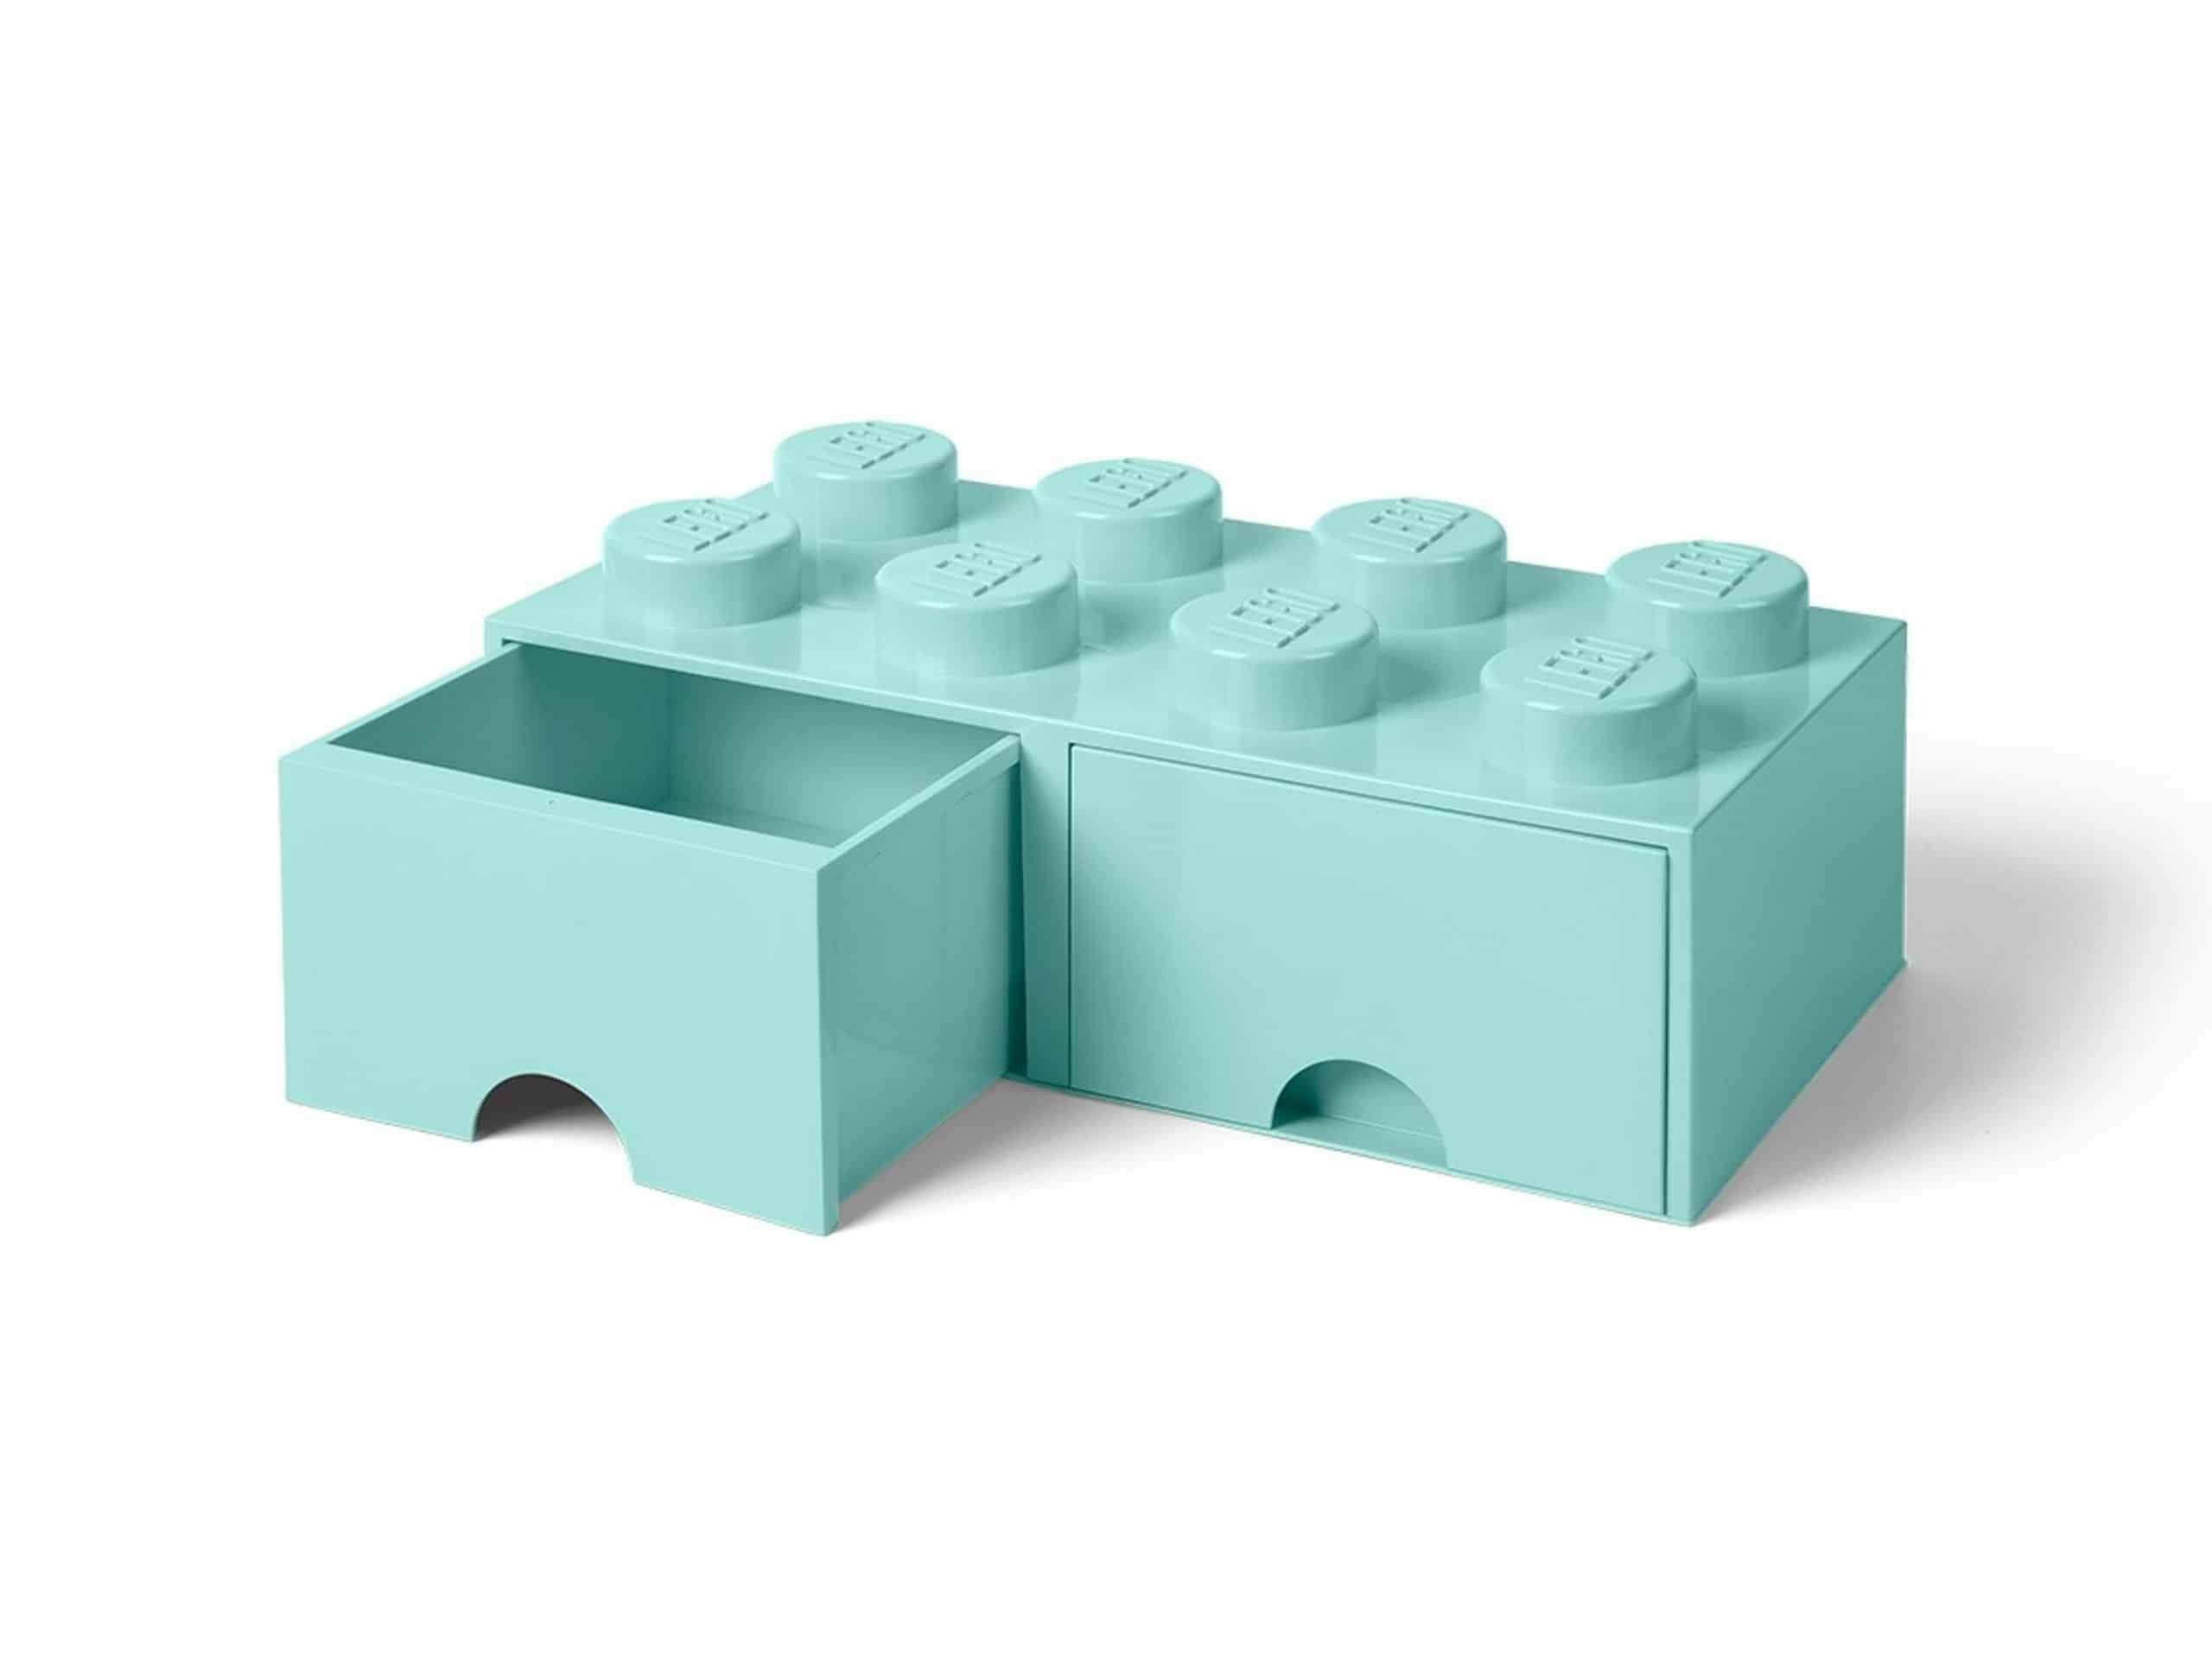 lego felazuurblauwe opslagsteen met 8 noppen en 2 lades 5006182 scaled